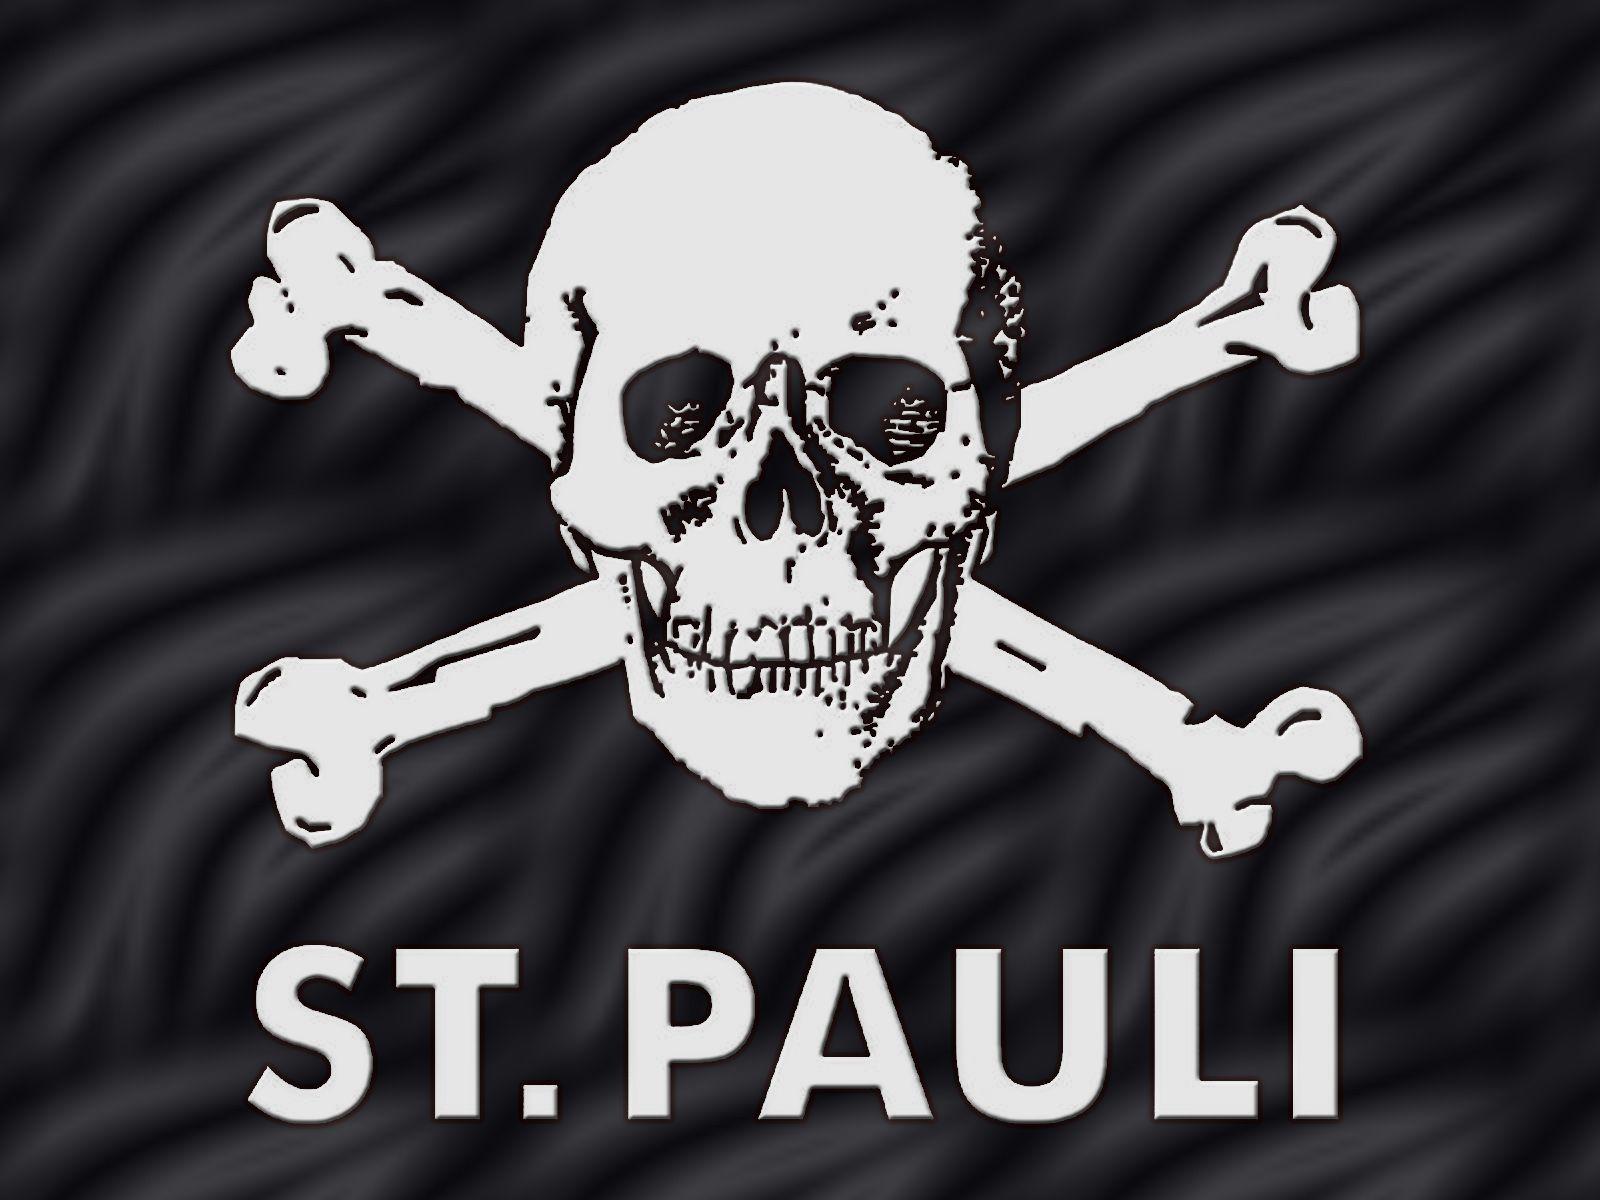 download fc st pauli live wallpaper apk 1 0com appmk